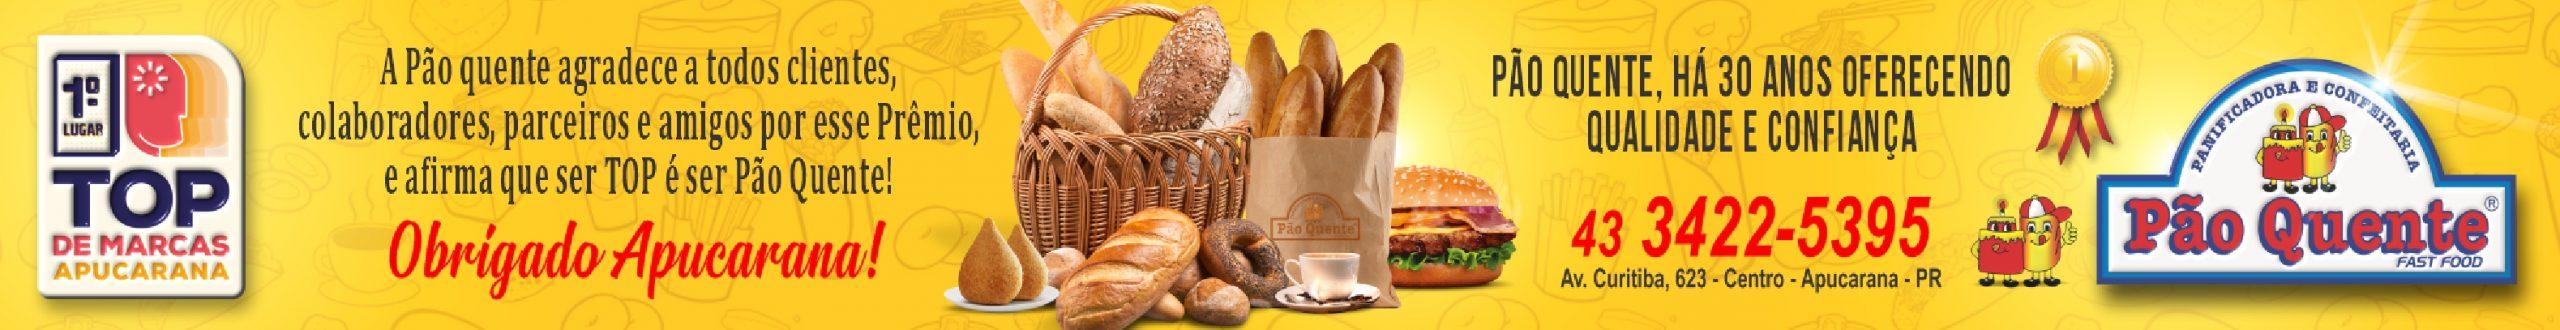 Pão Quente - Rodapé Alimentação